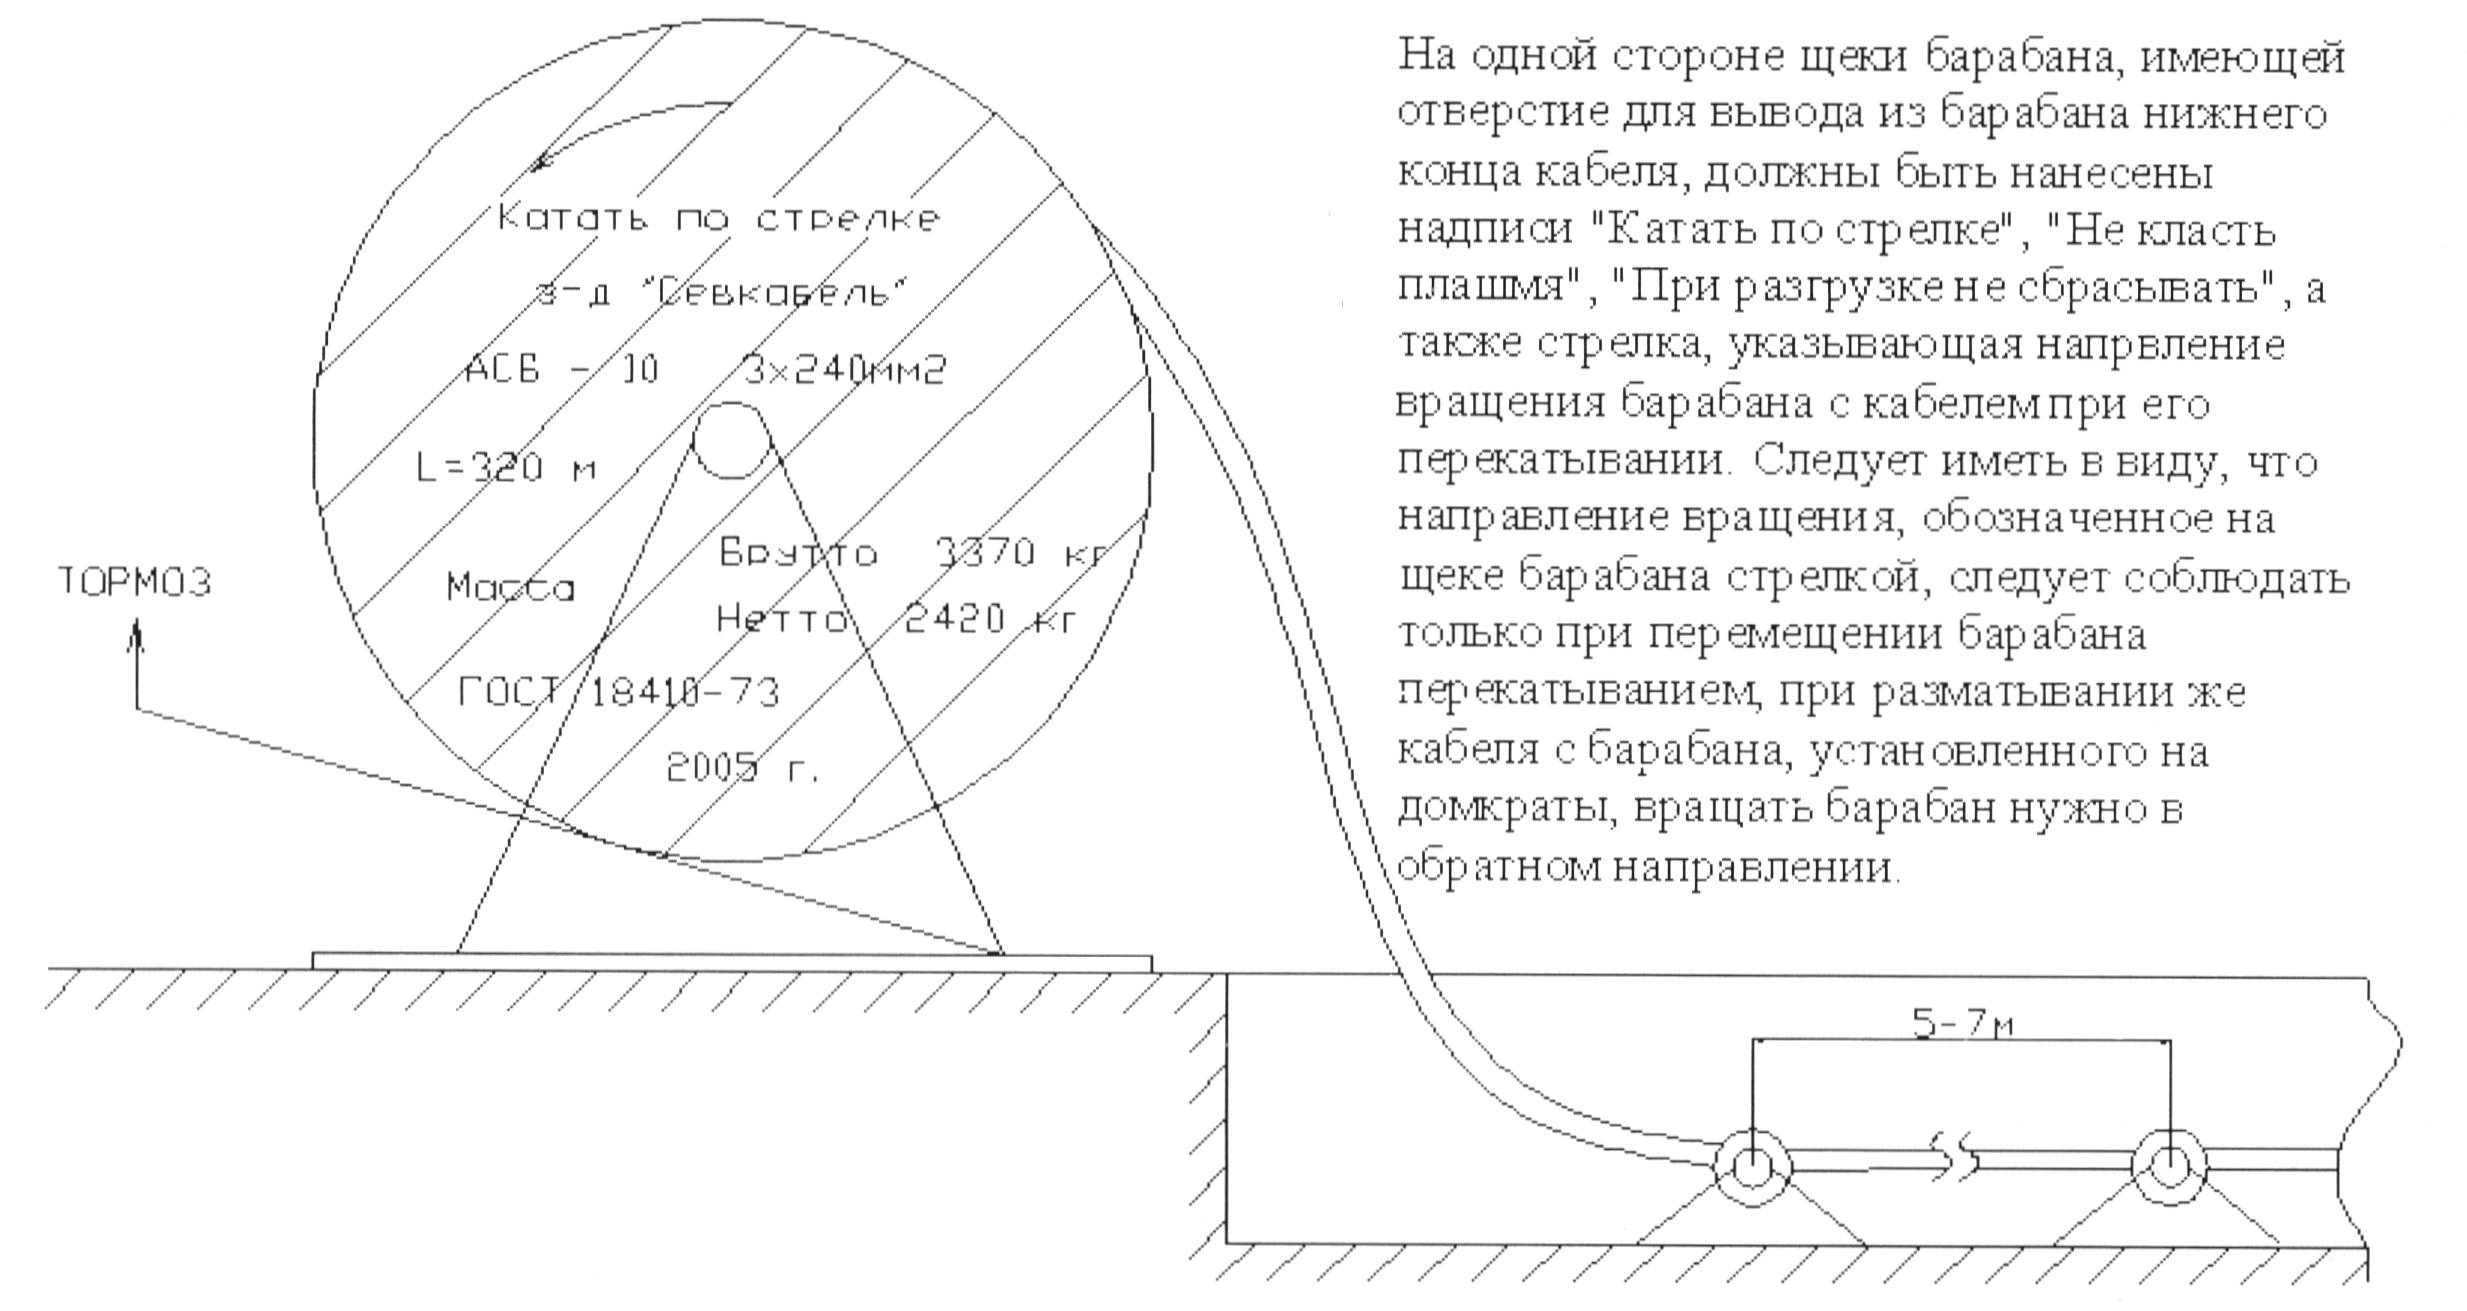 Рис 3-2. Приспособления для прокладки кабельной линии.